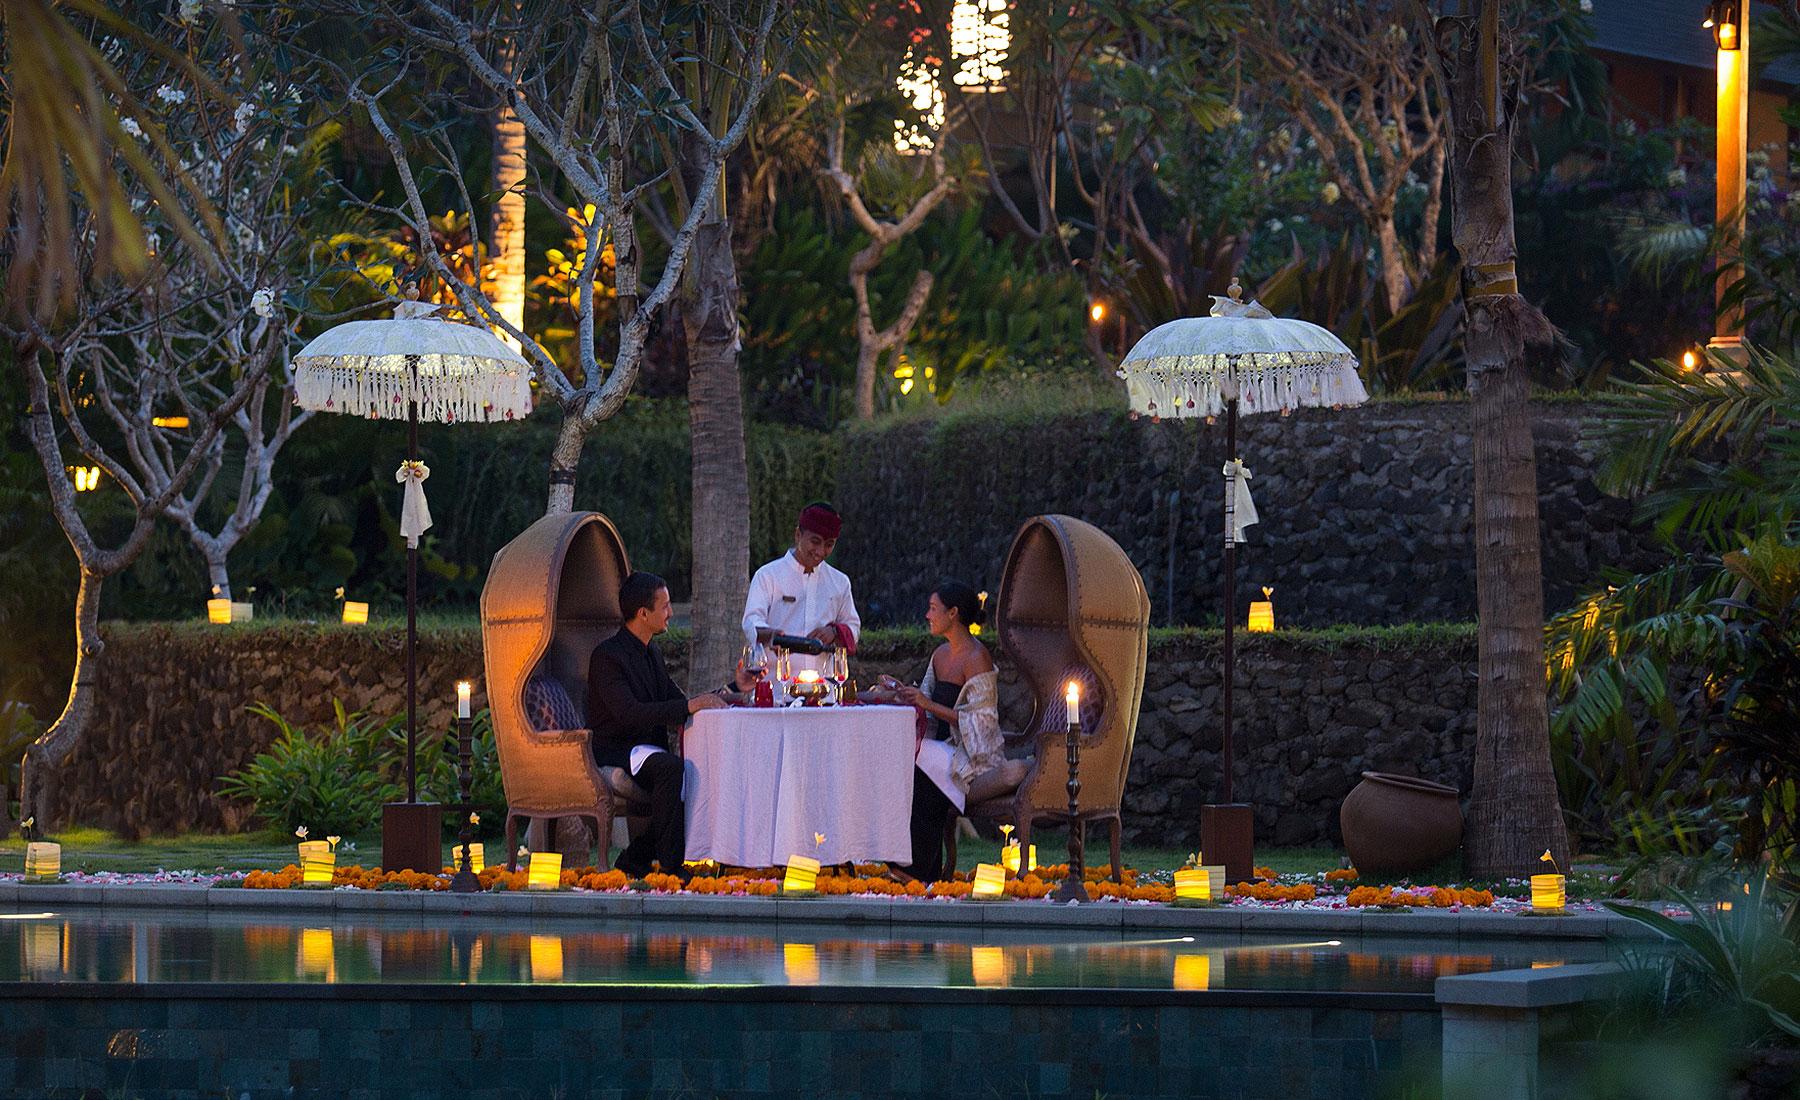 Бажаєте більше романтики? Завітайте у лаунж Joglo - ідеальне місце для романтичної вечері при свічках. Затишна атмосфера, повсюди прикраси з живих квітів та свічки, ароматні страви та абсолютний спокій!